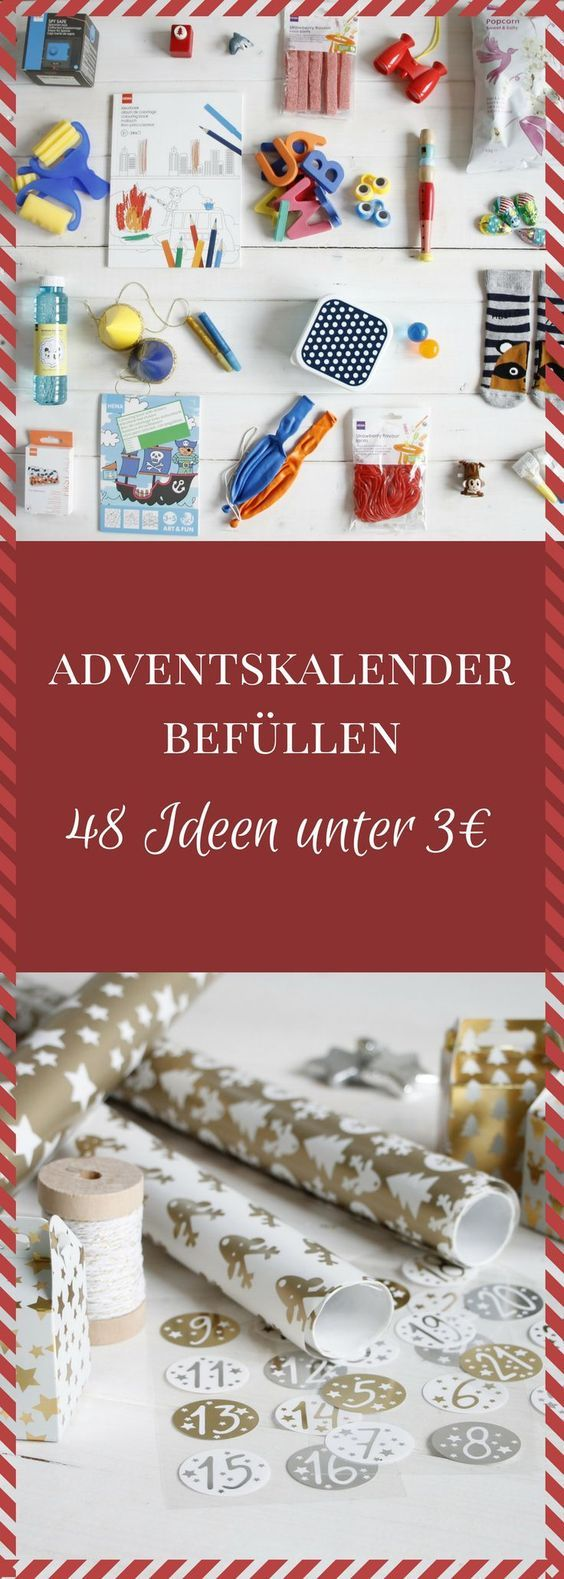 Adventskalender befüllen: Ideen für einen Jungen-Adventskalender und einen Mädchen-Adventskalender #calendrierdelaventdiy